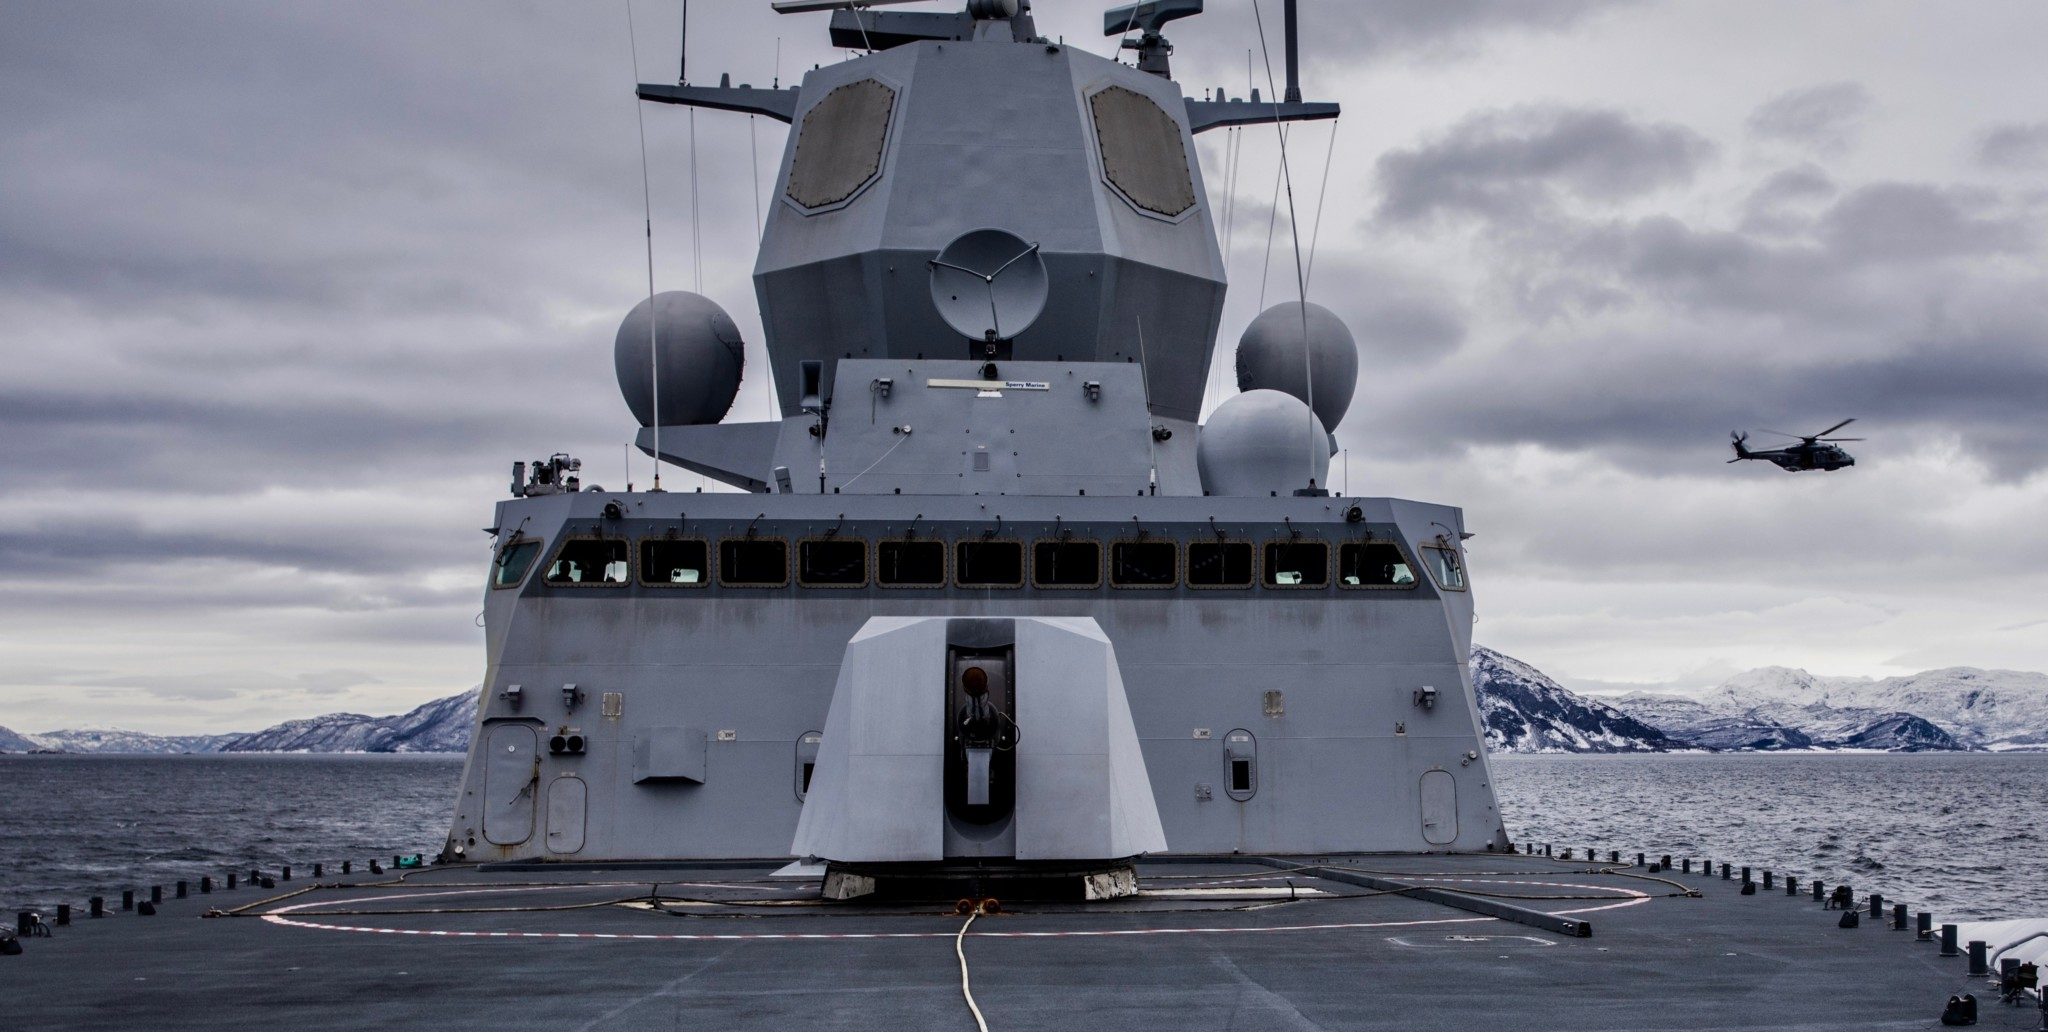 Kritisk til fregattmannskapets vurderinger